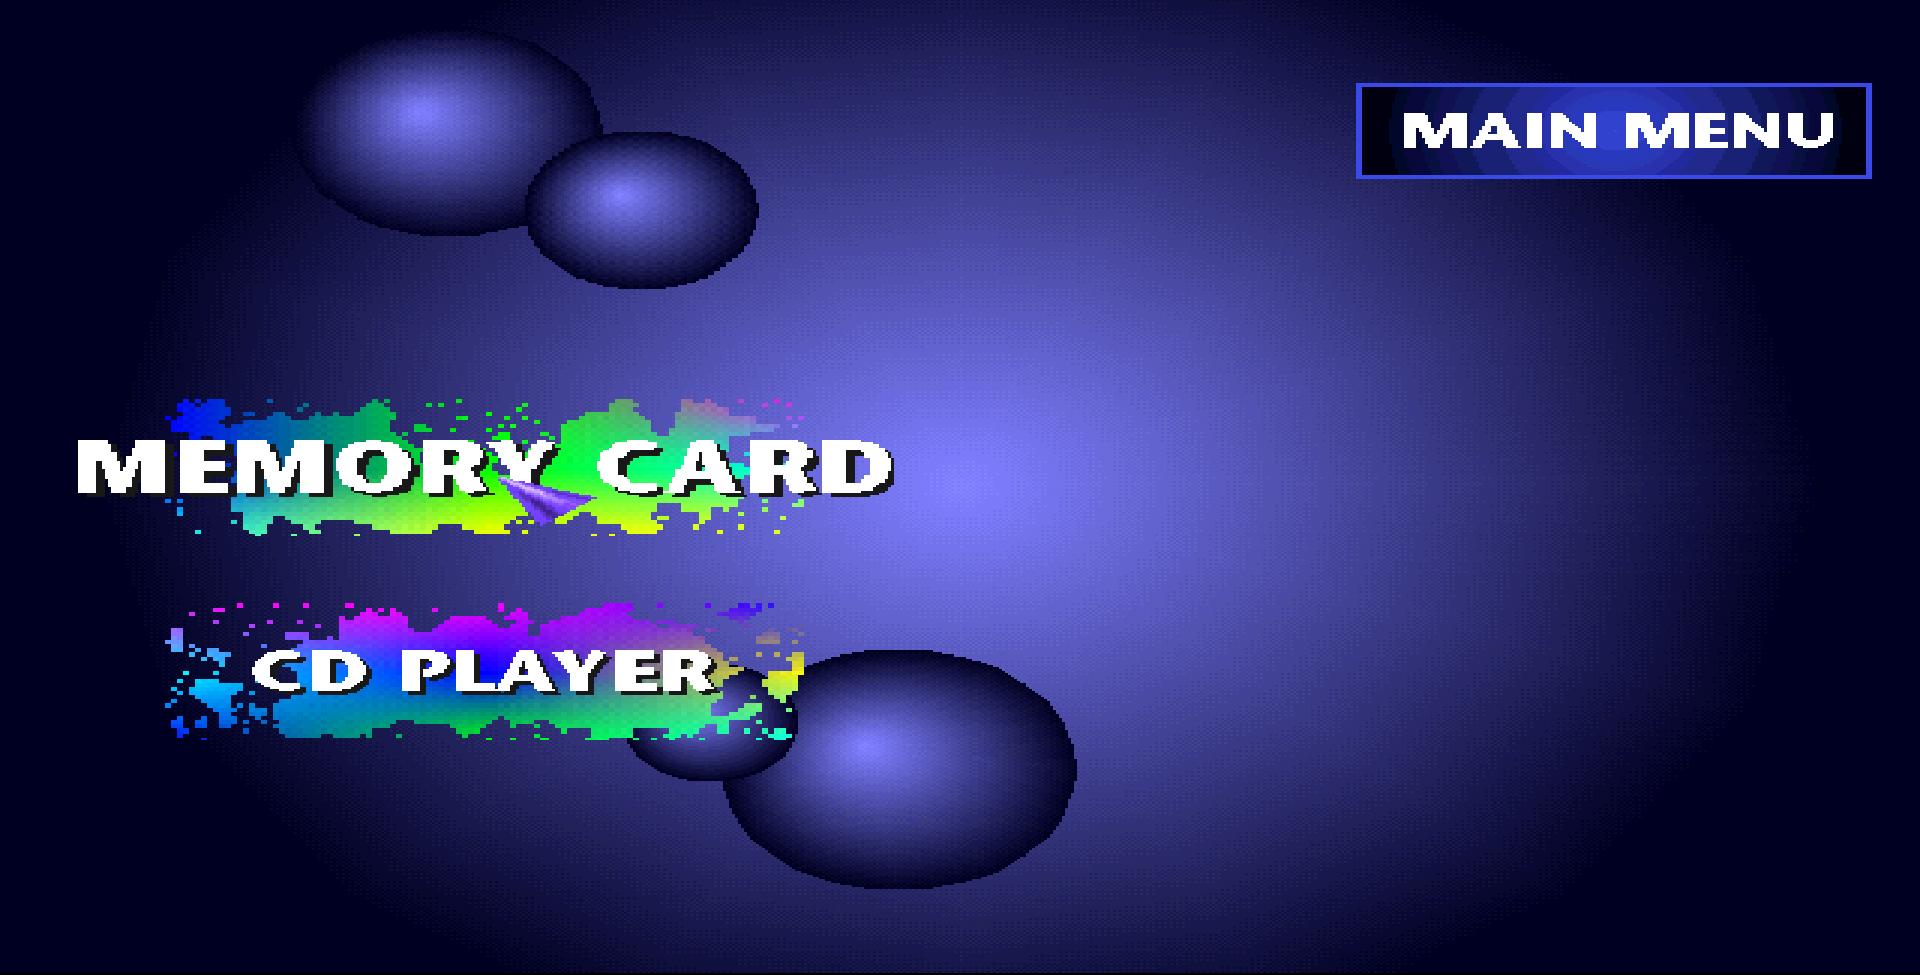 Spustenie hry z PlayStation 1 (PS1) na počítači